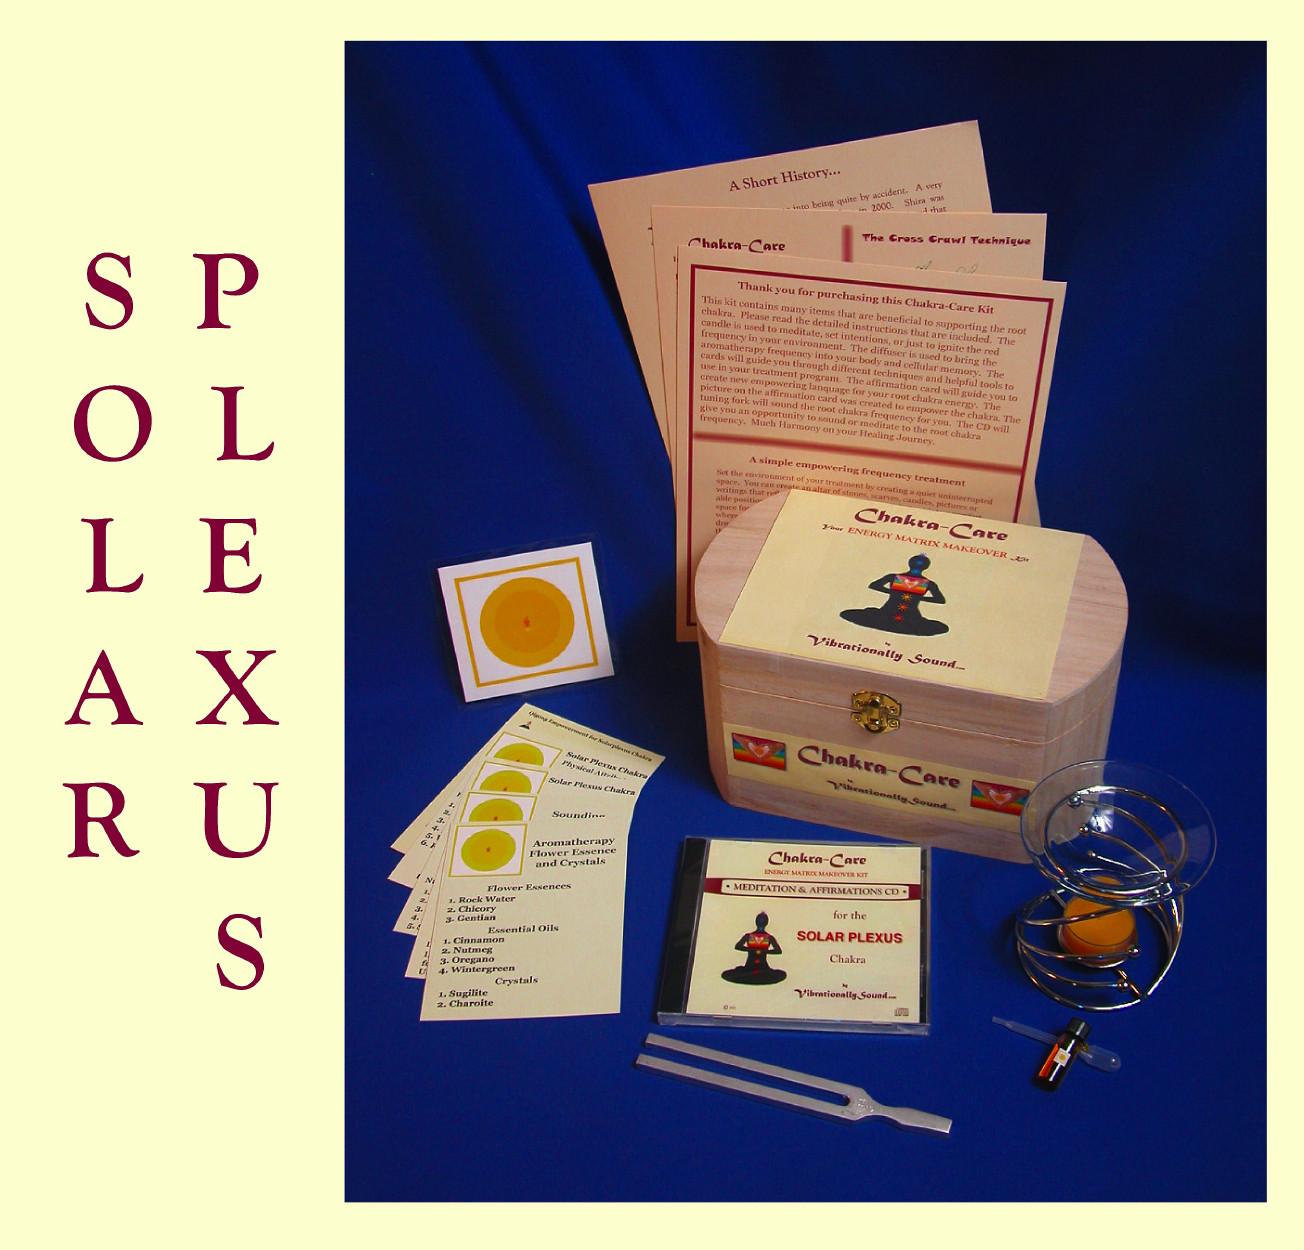 CC KIT SOLARPLEXUS + NAME small